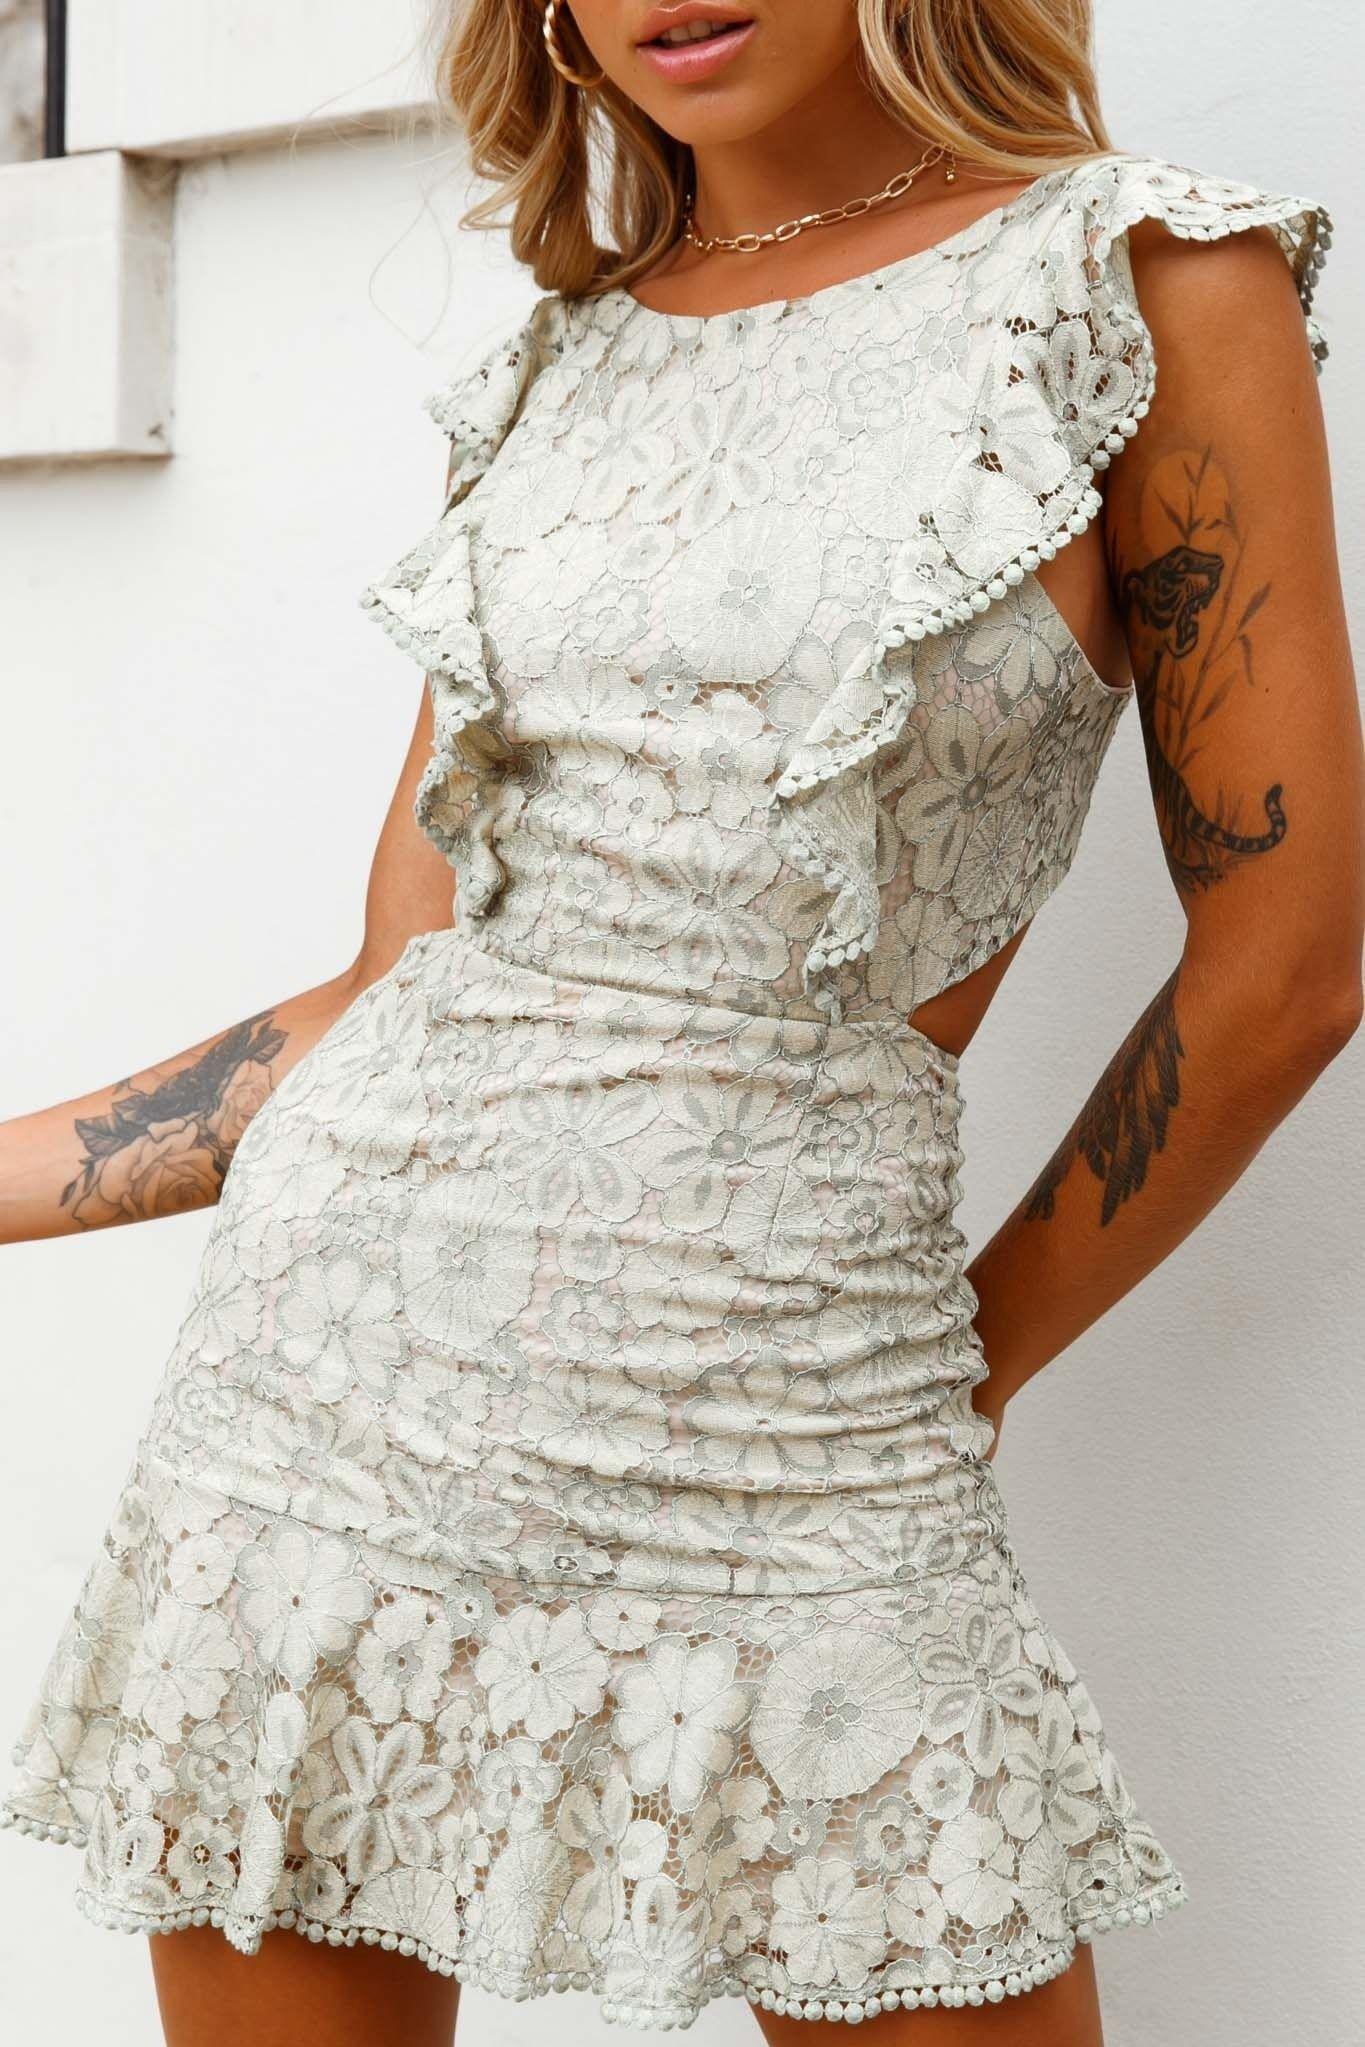 42++ Floral lace dress ideas